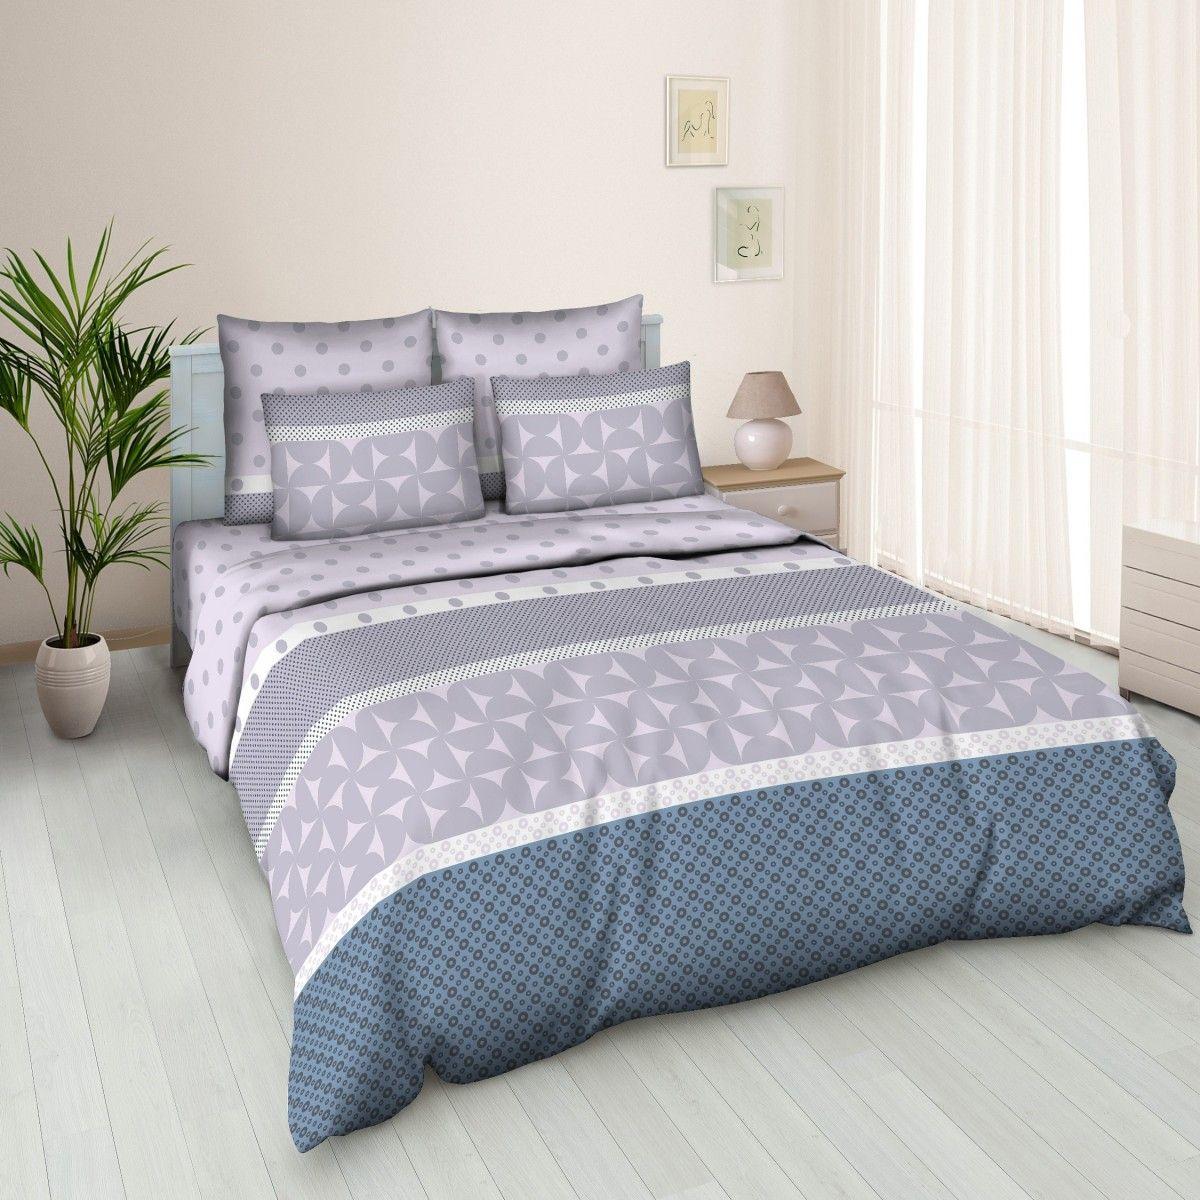 Комплект белья Amore Mio Solo, 2-спальный, наволочки 70x70, цвет: серый, синий83338Постельное белье из бязи практично и долговечно, а самое главное - это 100% хлопок! Материал великолепно отводит влагу, отлично пропускает воздух, не капризен в уходе, легко стирается и гладится. Новая коллекция Naturel 3-D дизайнов позволит выбрать постельное белье на любой вкус!